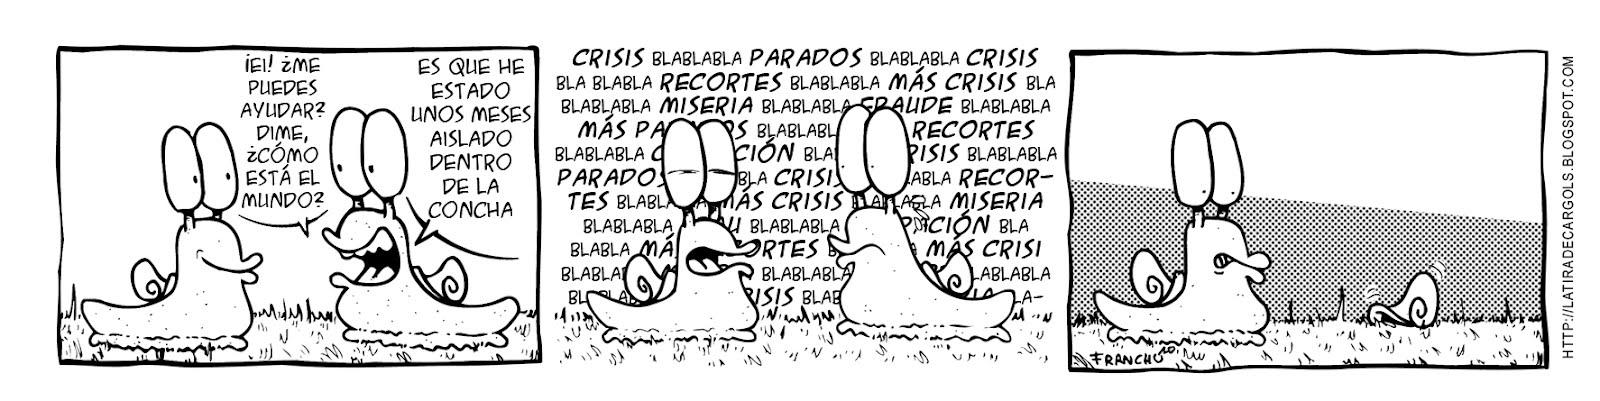 Tira comica 138 del webcomic Cargols del dibujante Franchu de Barcelona